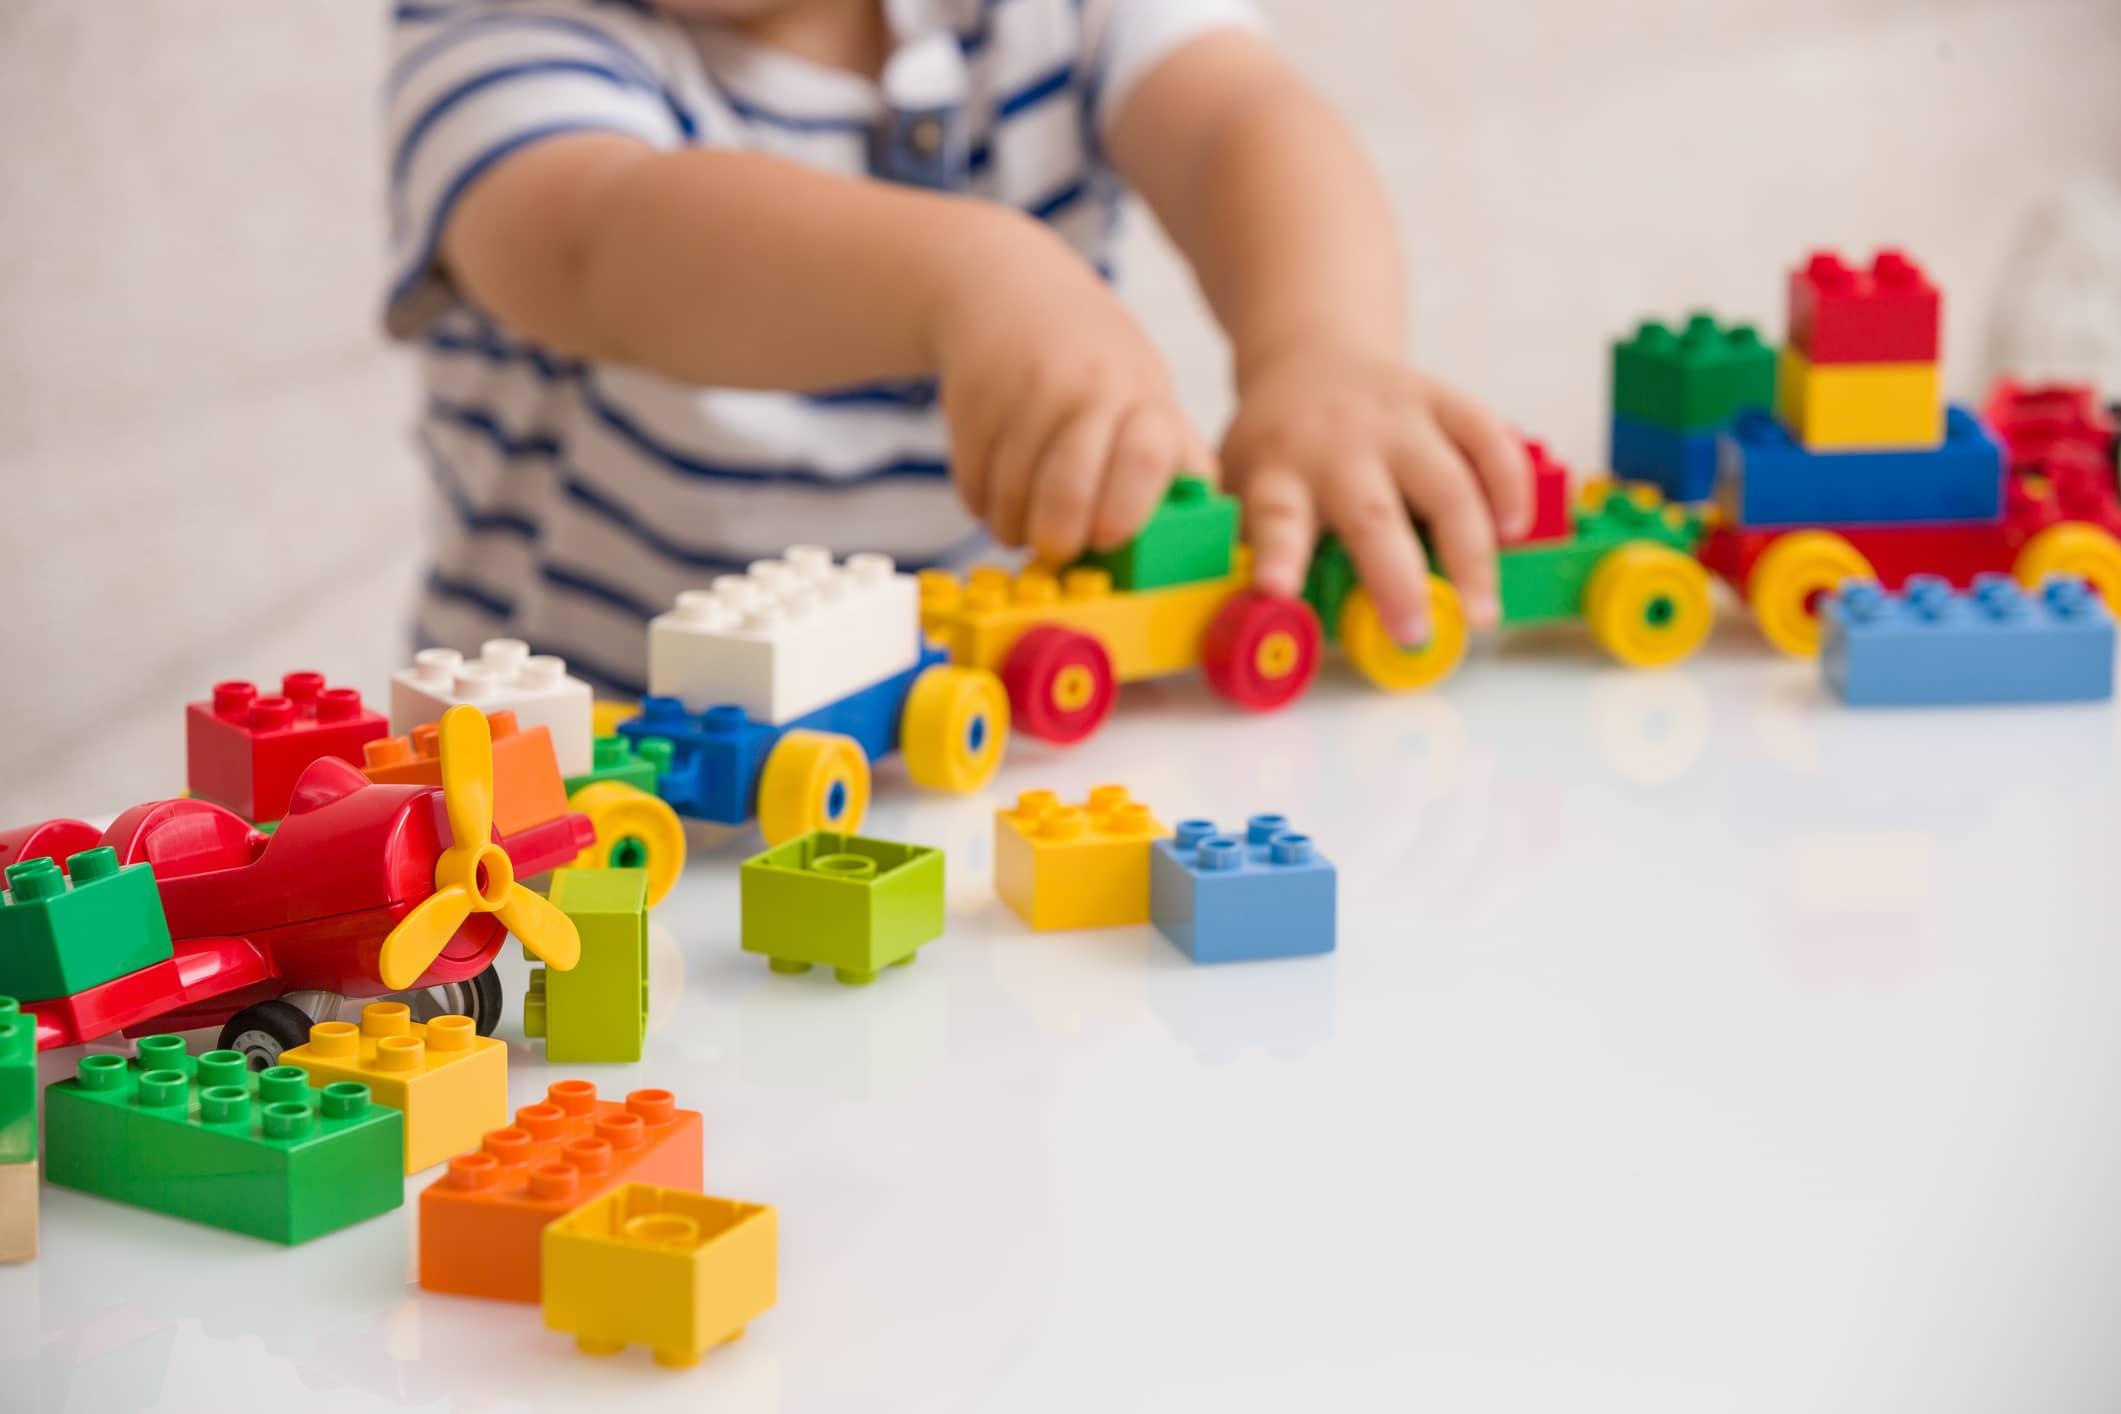 INGLESE PER BAMBINI: COME IMPARARE INGLESE GIOCANDO CON I LEGO